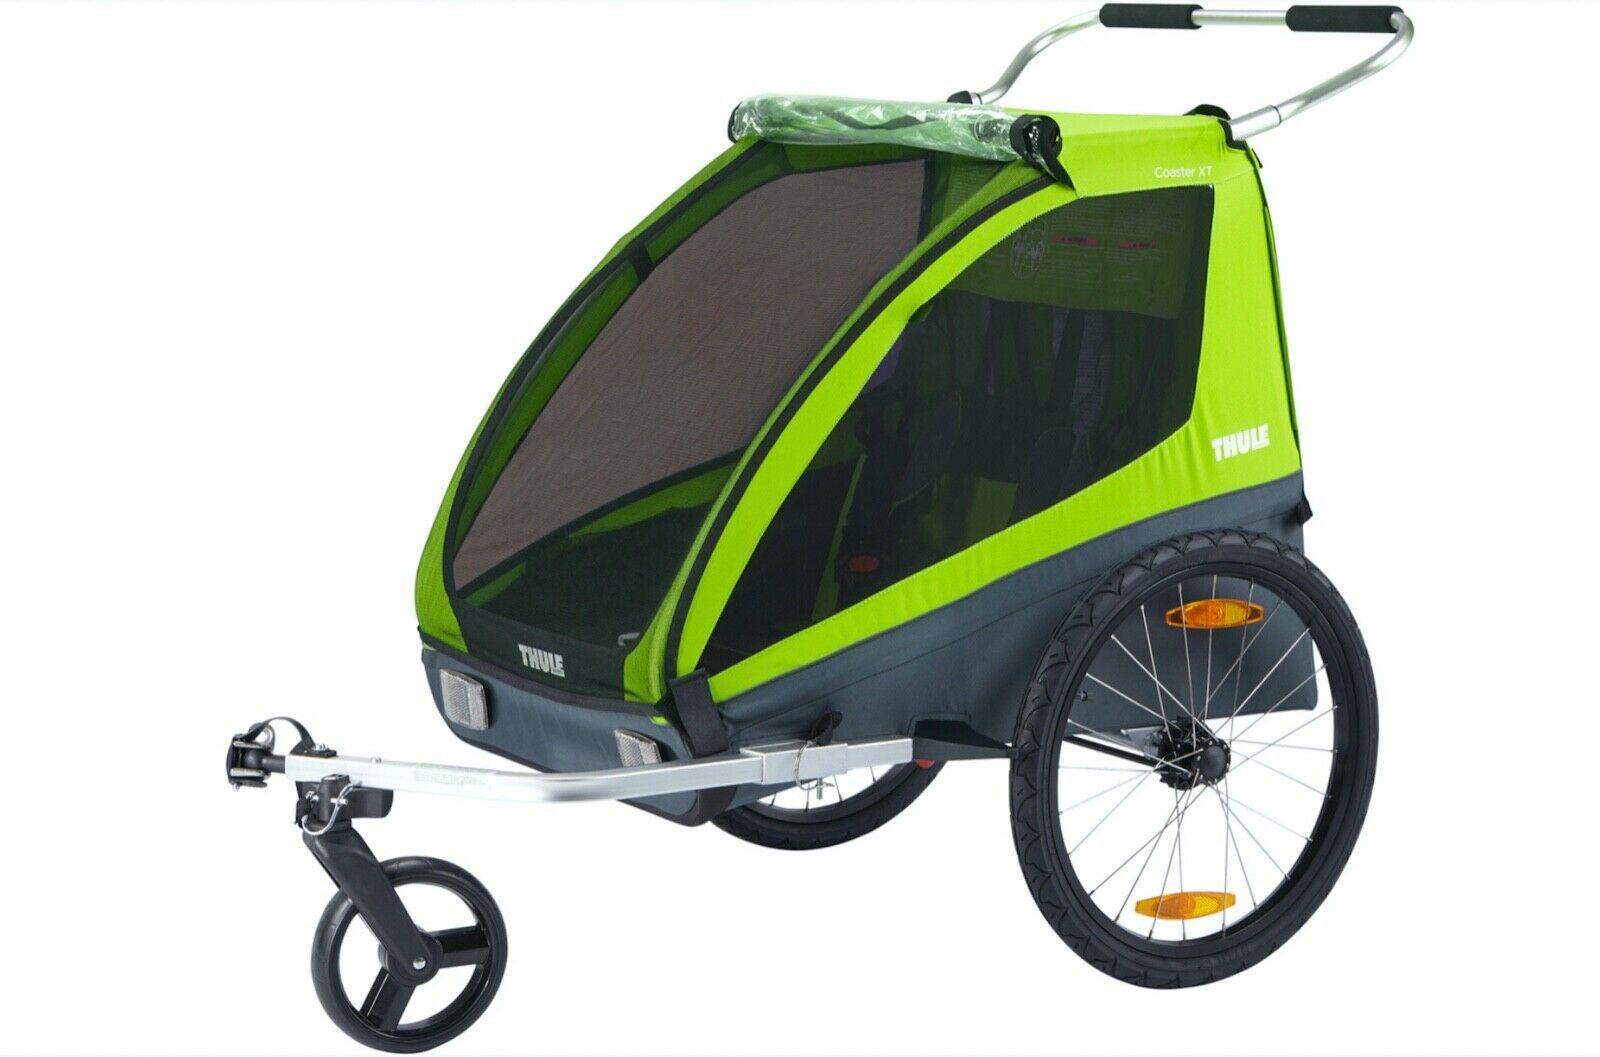 Thule Coaster XT Avocado grün 2021